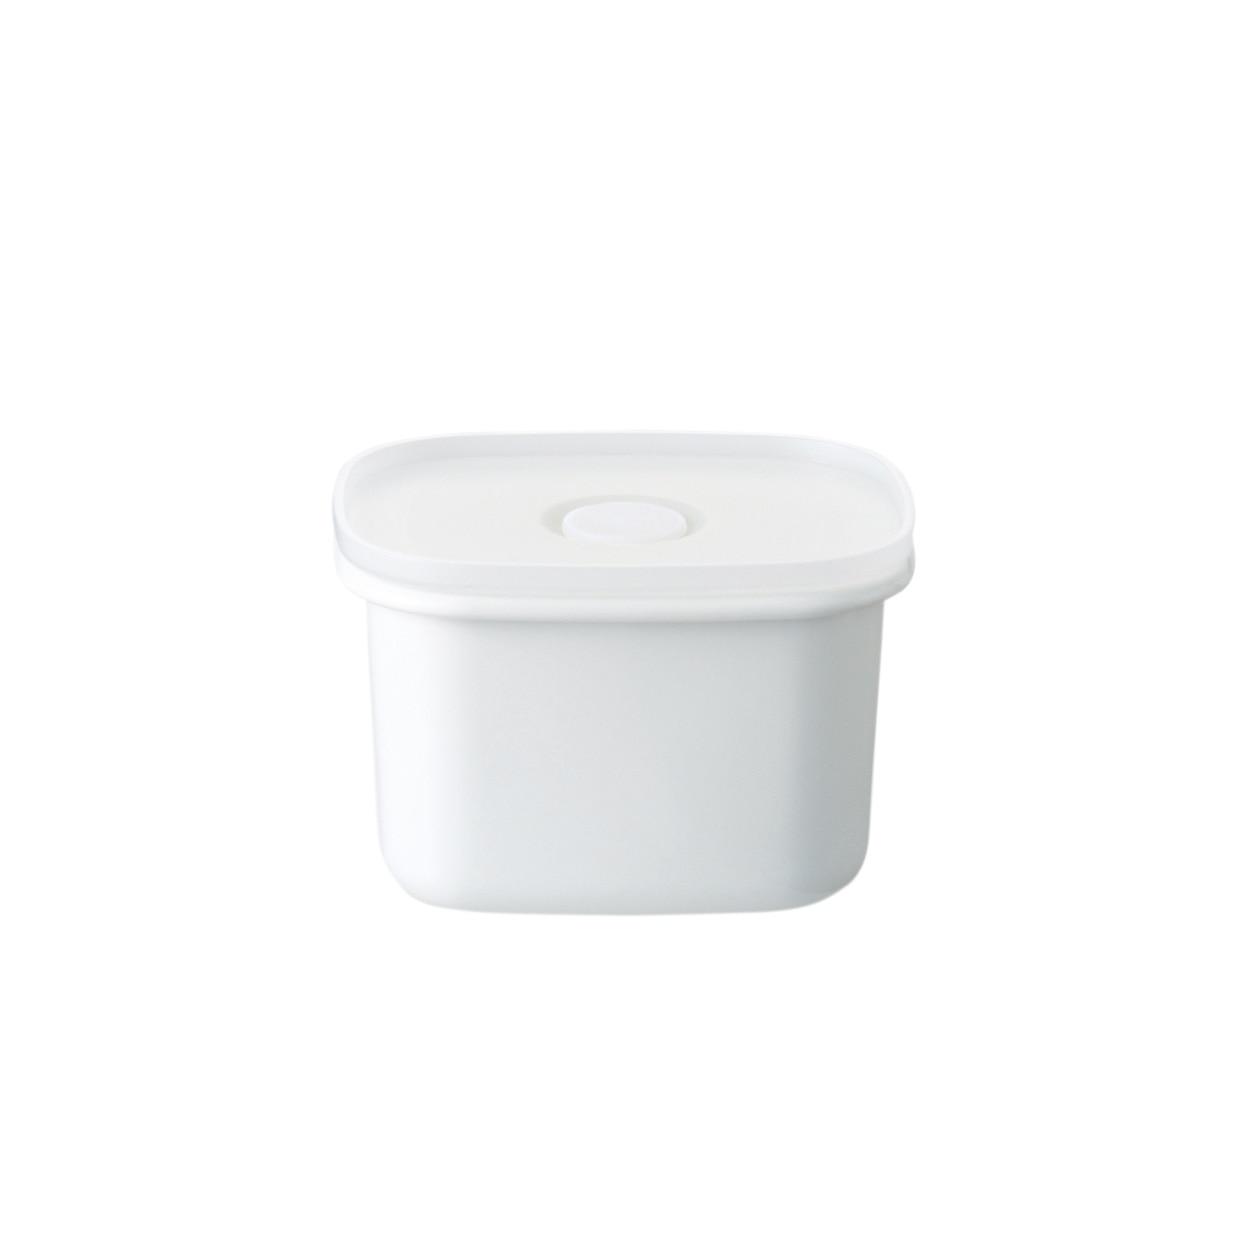 液体とニオイが漏れない バルブ付き密閉ホーロー保存容器 深型・小